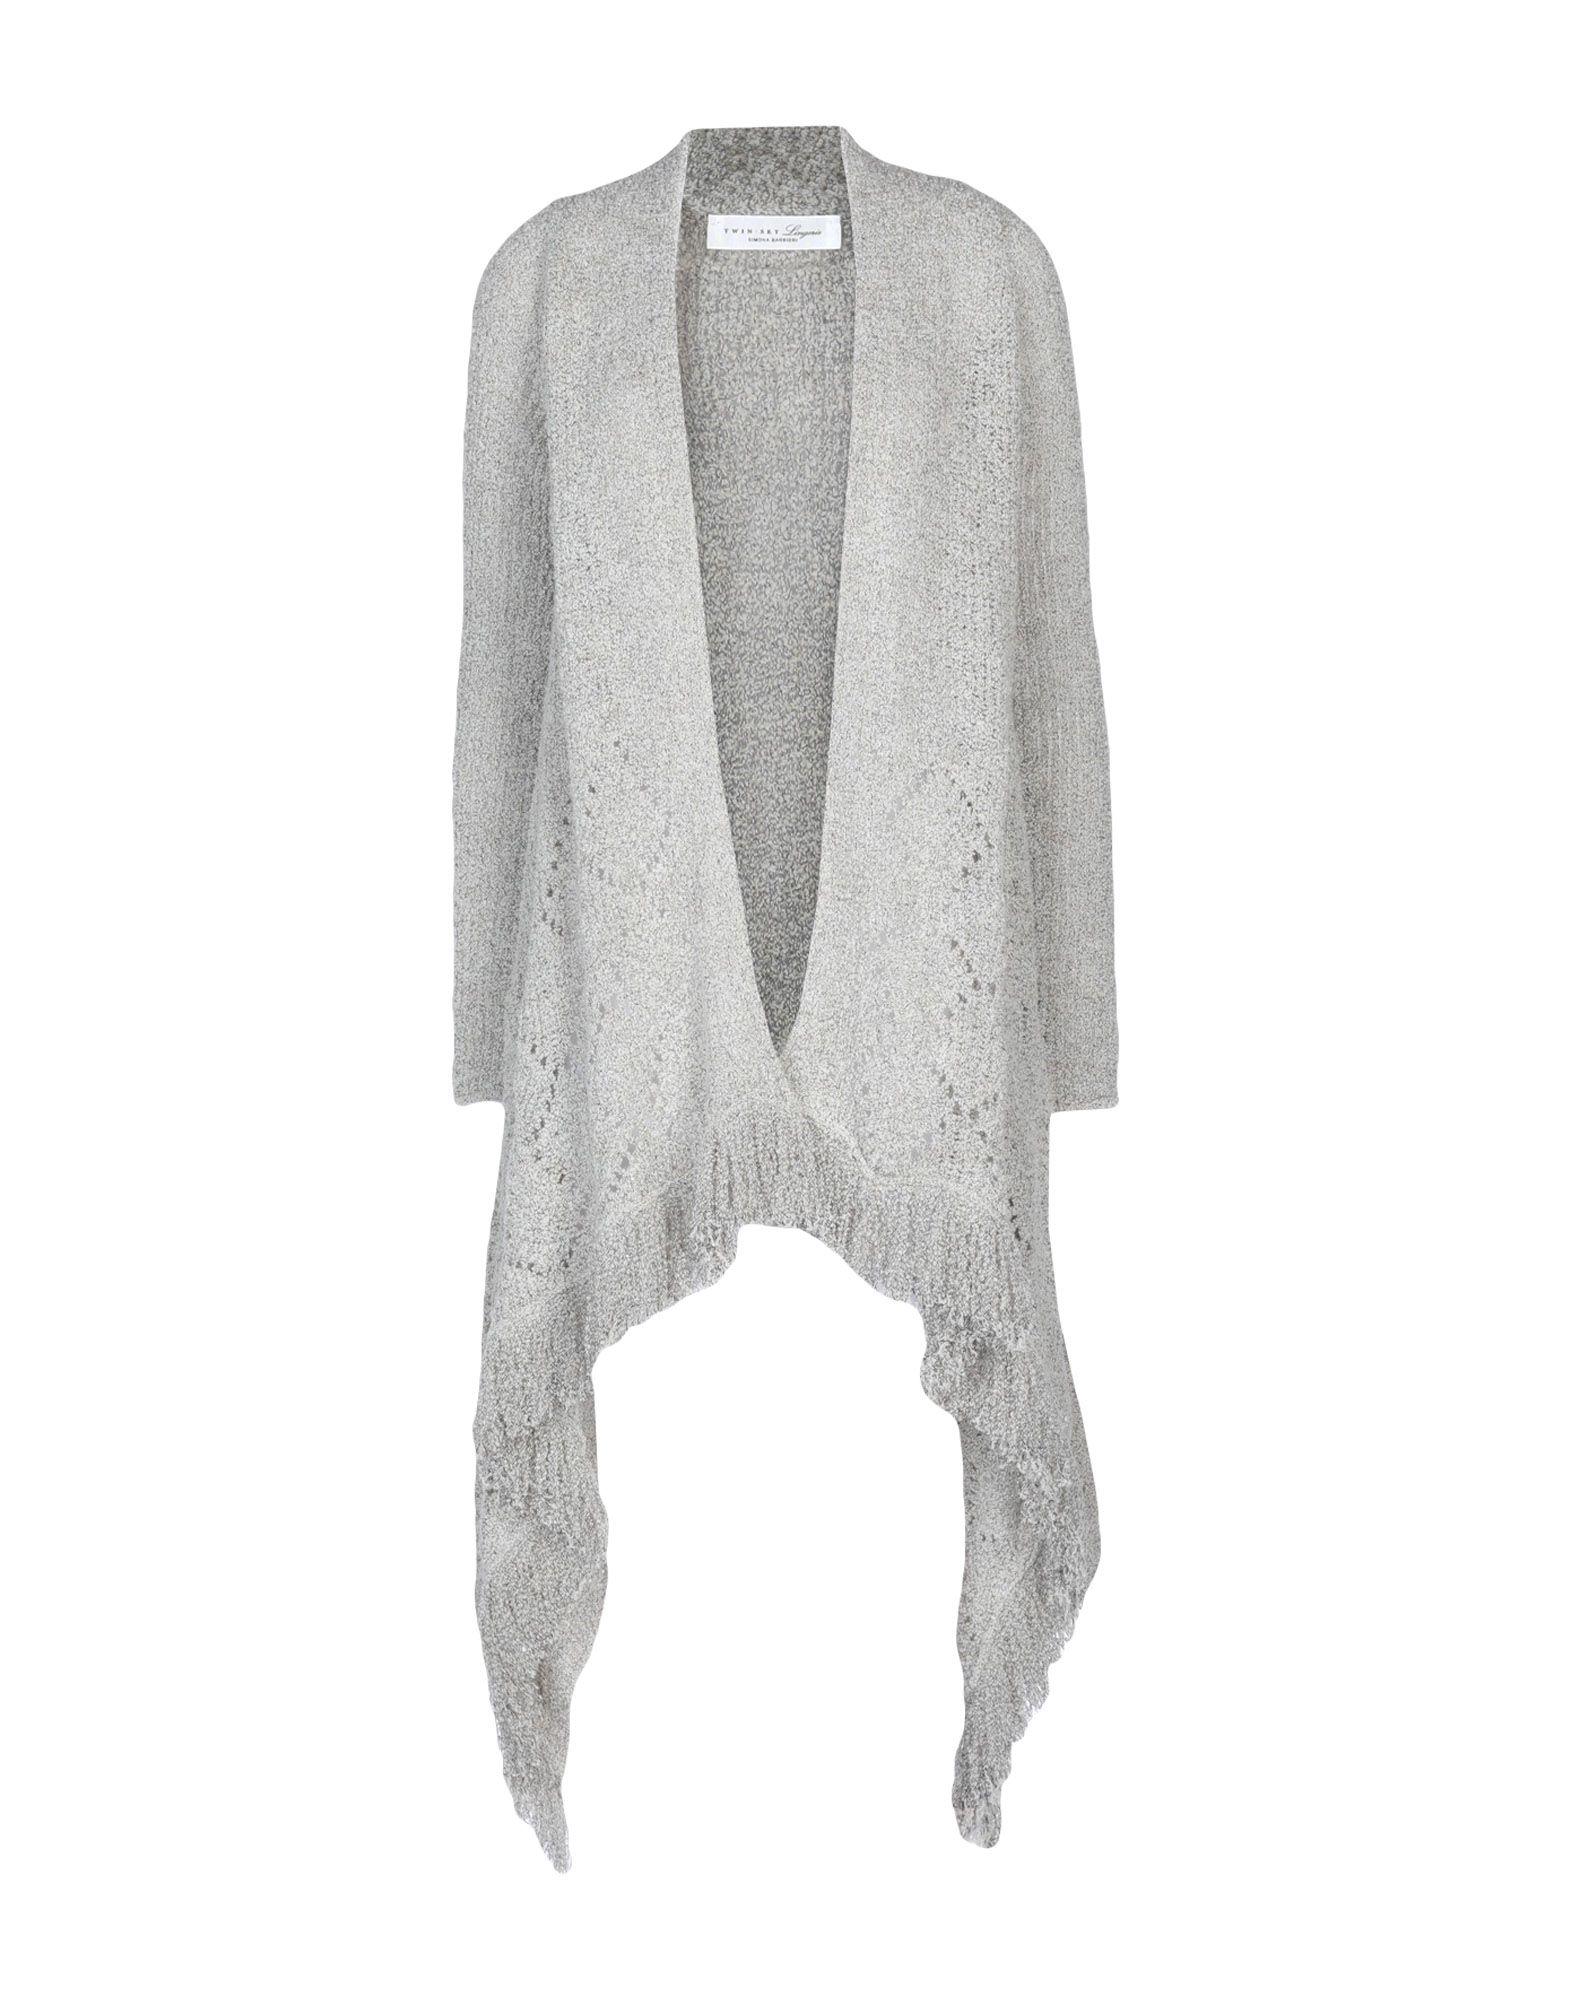 TWIN-SET LINGERIE Кардиган black mesh applique lingerie set